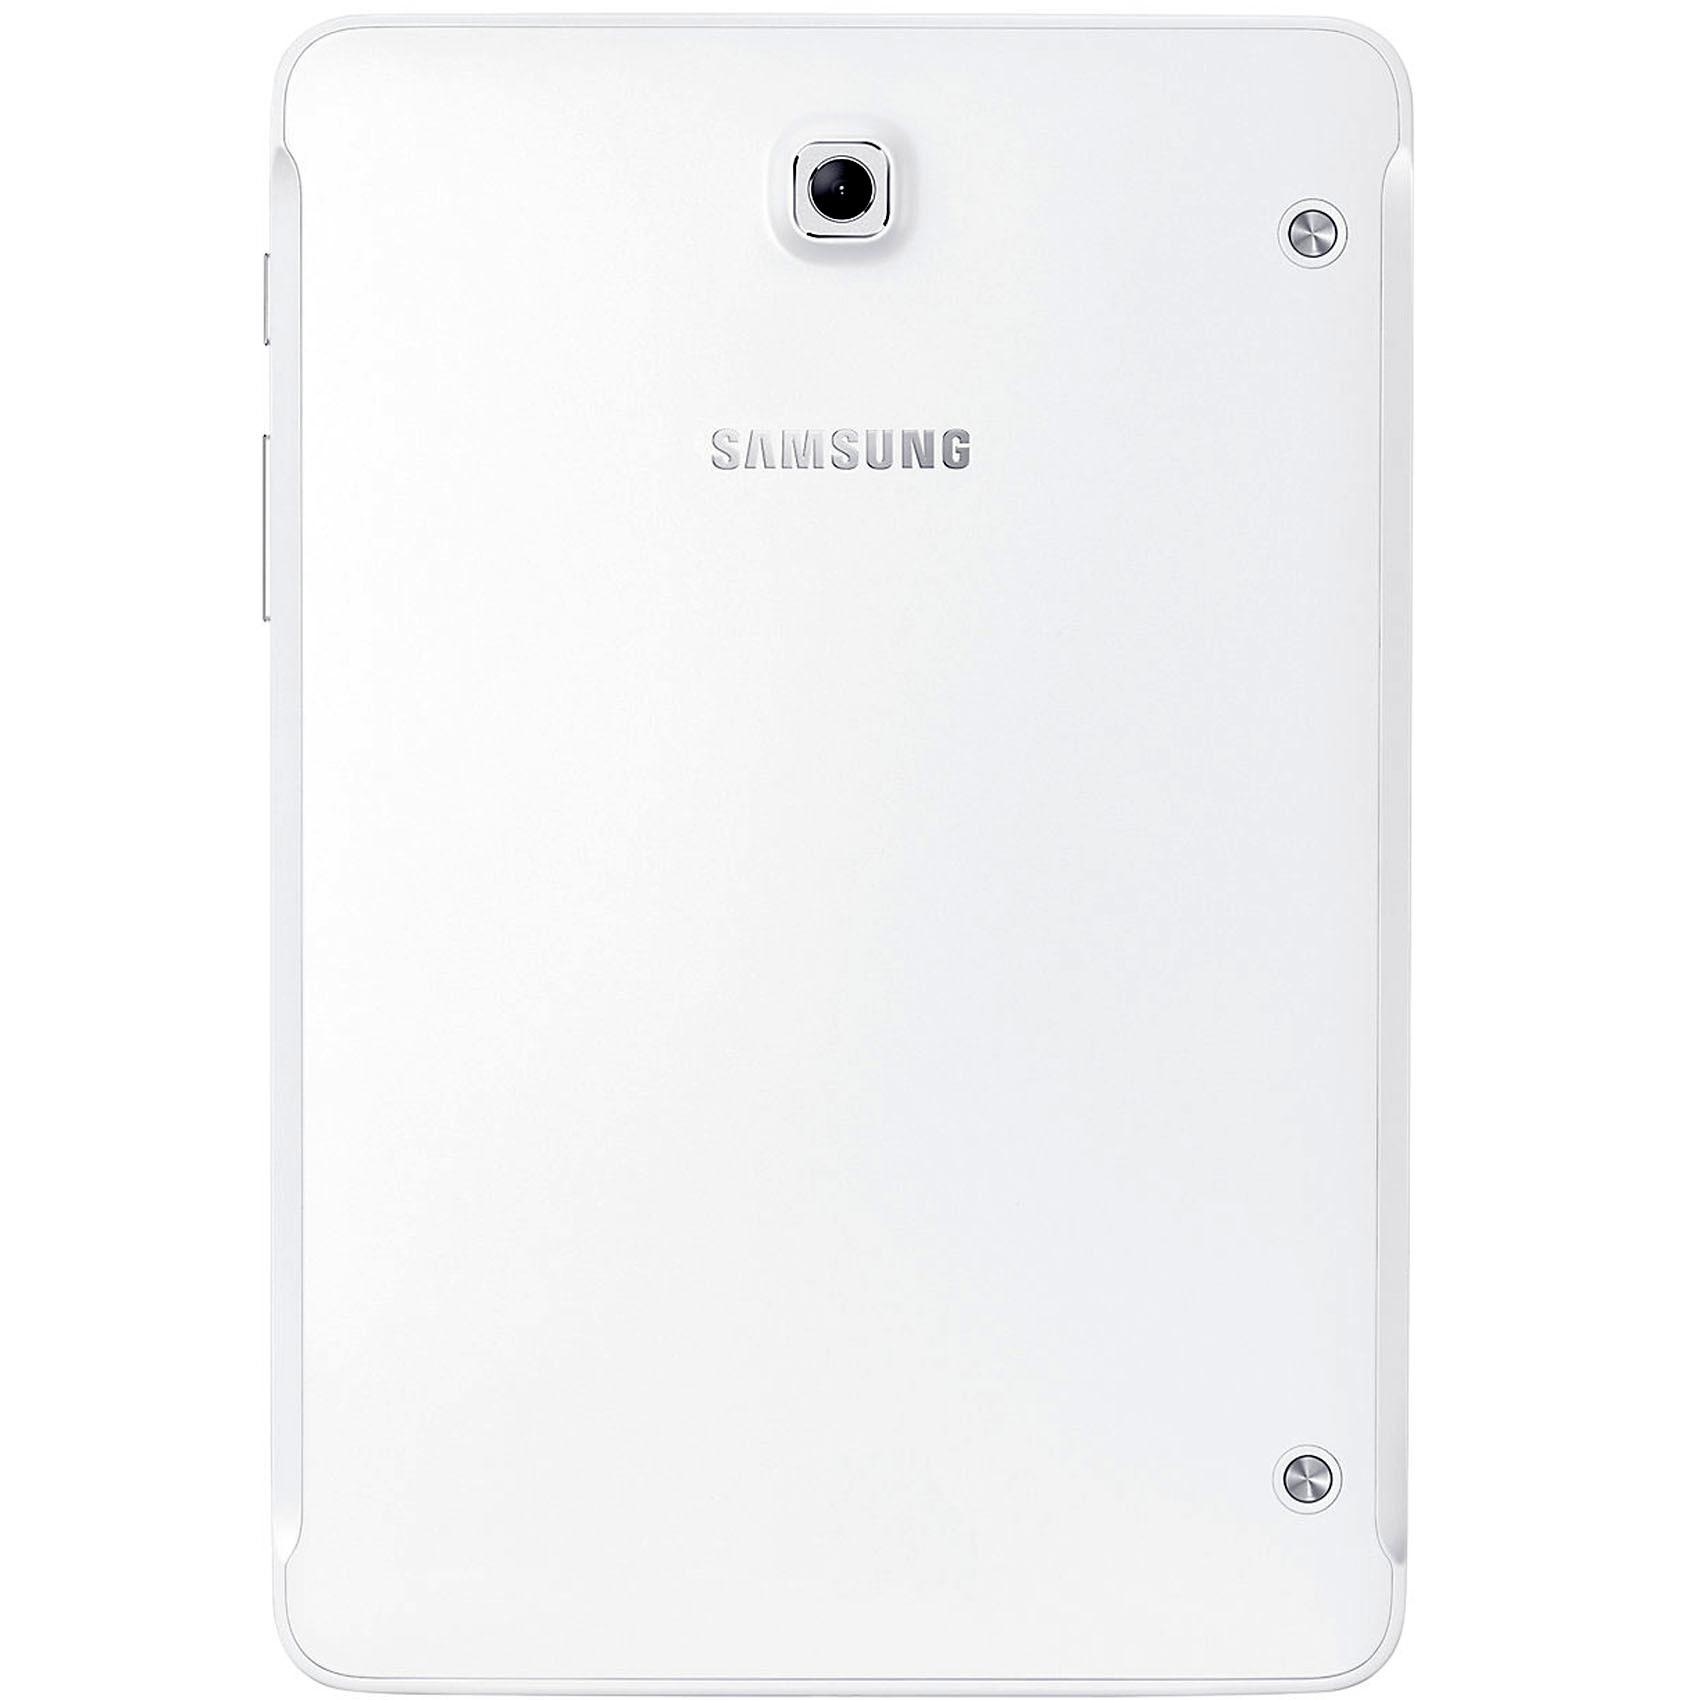 SAMSUNG TAB T710WH QC 1.9/3/32/8